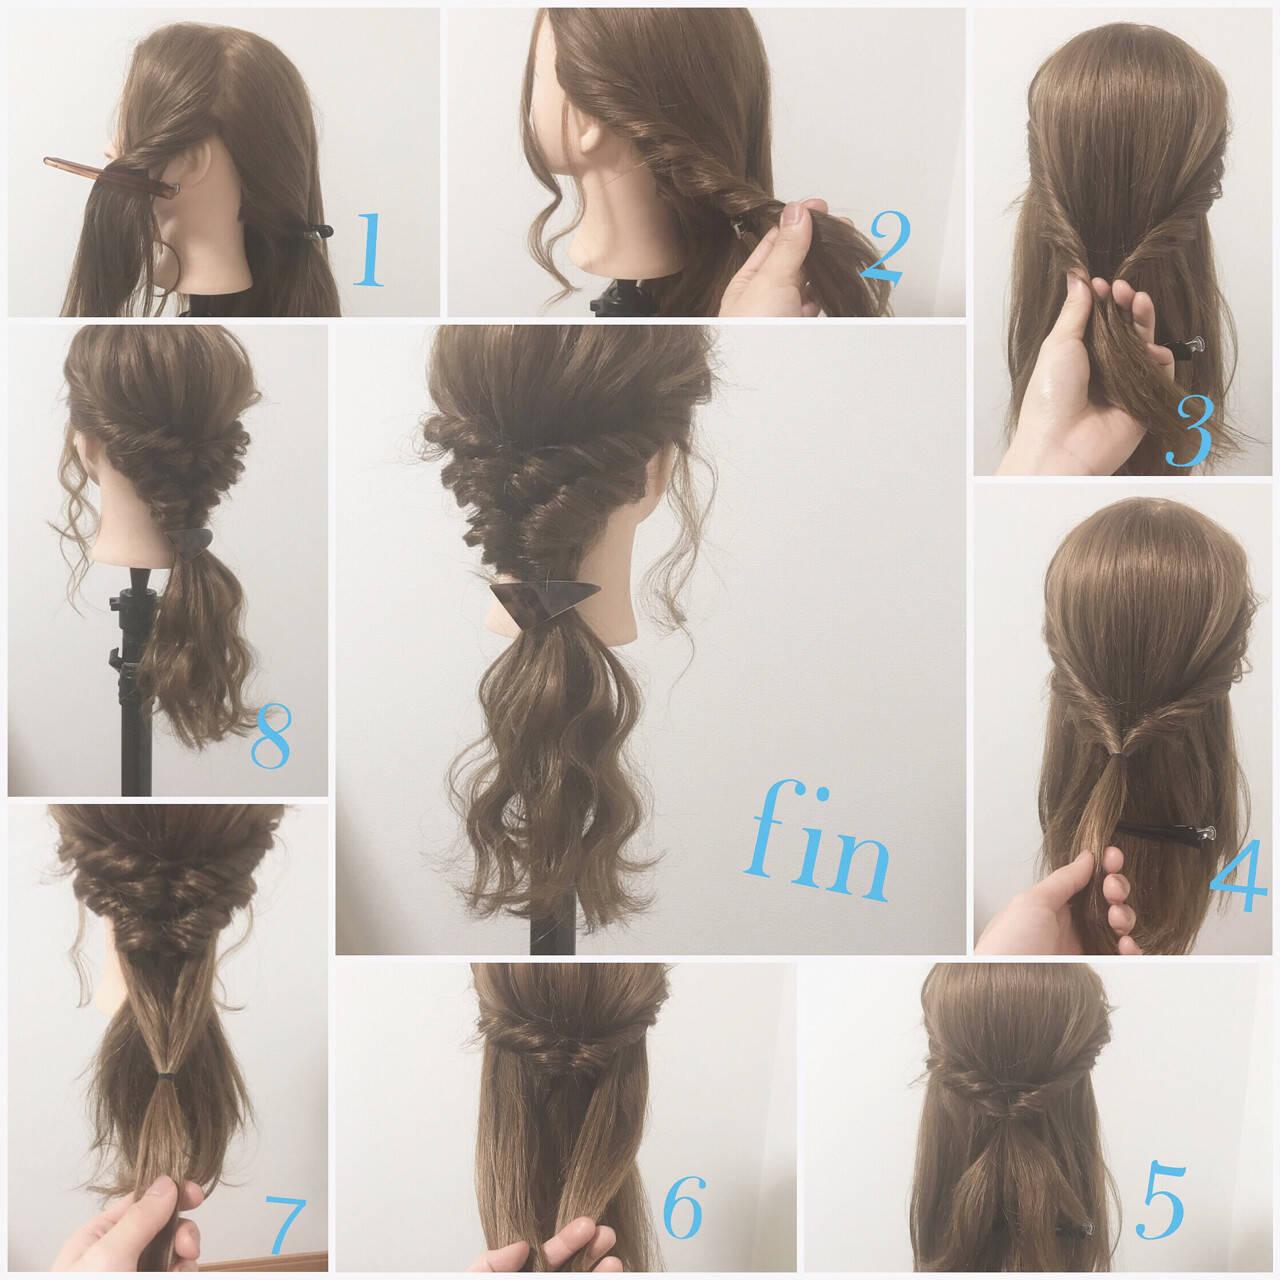 ショート ハーフアップ ロング ヘアアレンジヘアスタイルや髪型の写真・画像